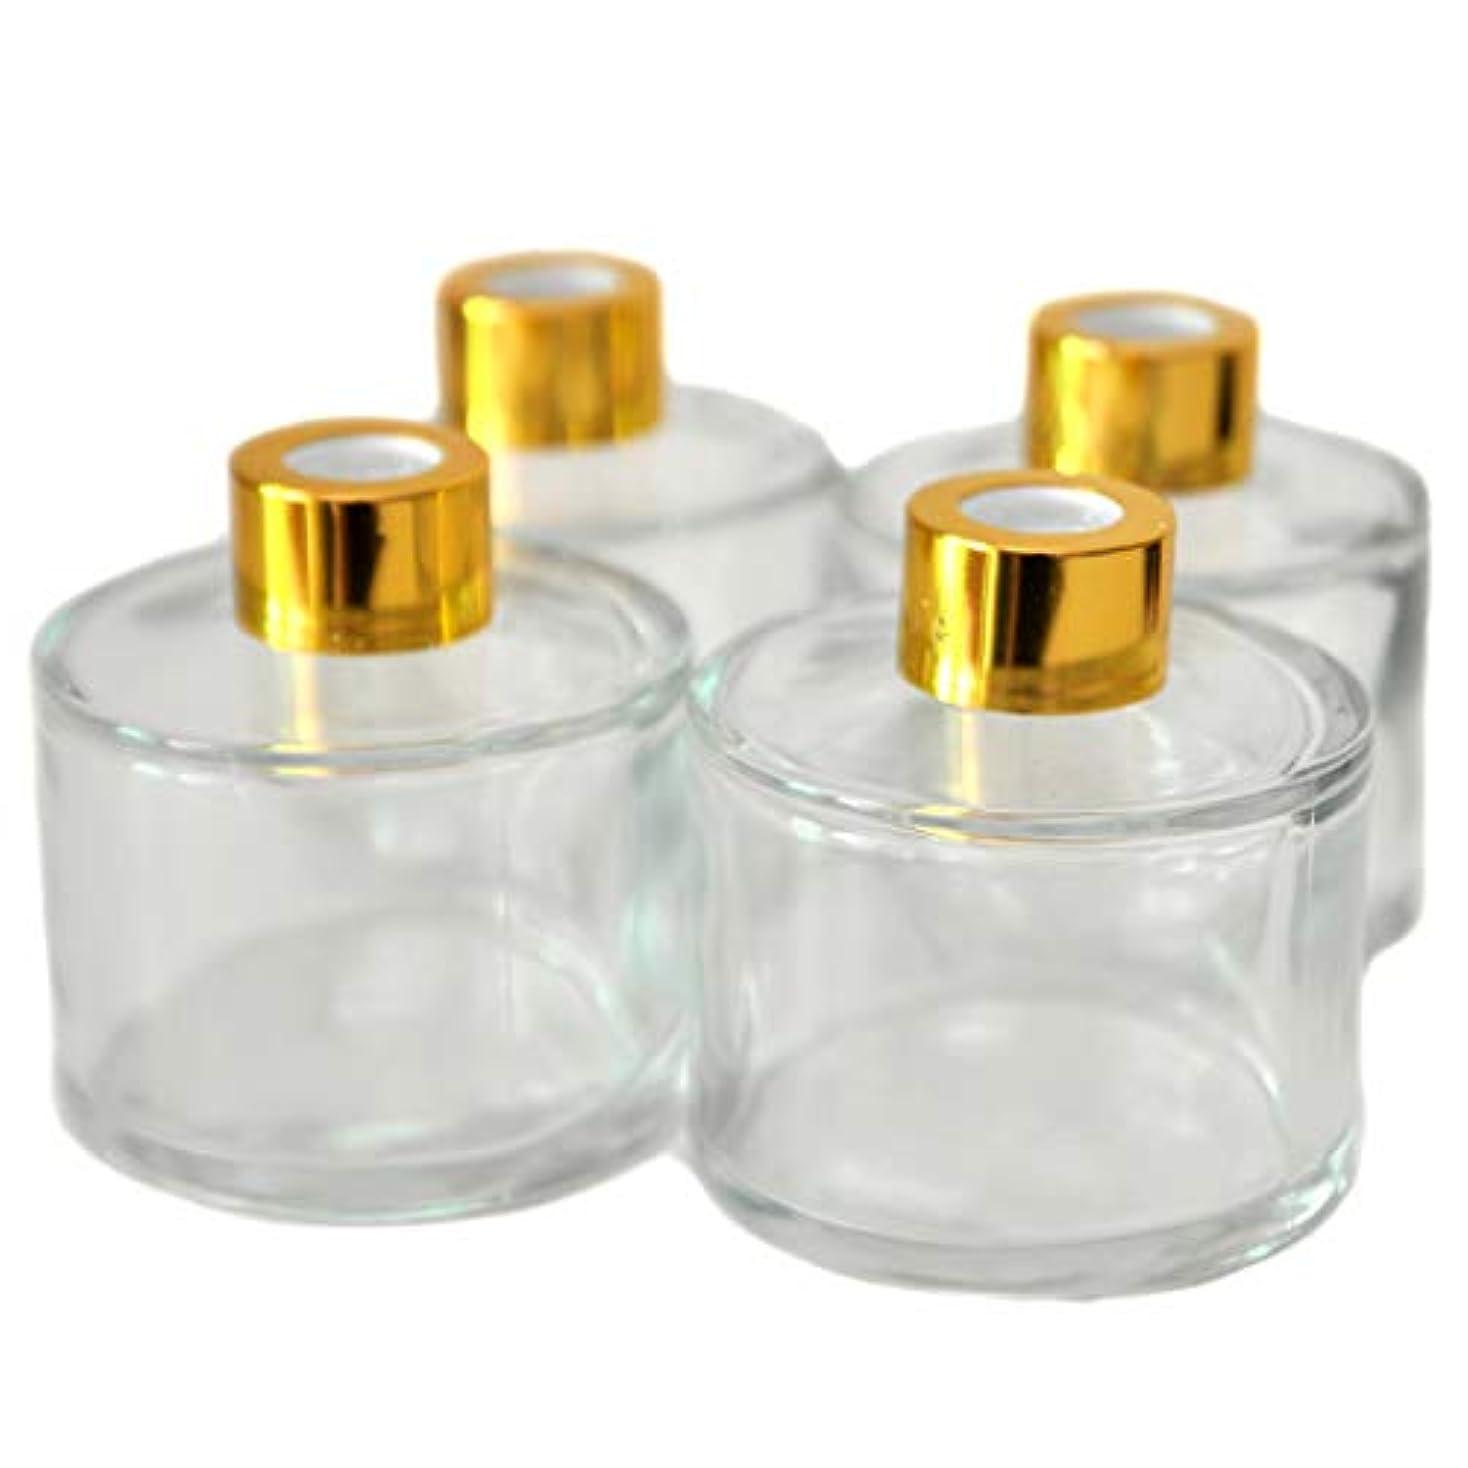 職人言い直すスキム4本入円筒形のアロマ精油拡散ボトル、100mlオフィス、ショップ、ホームアロマガラスボトル